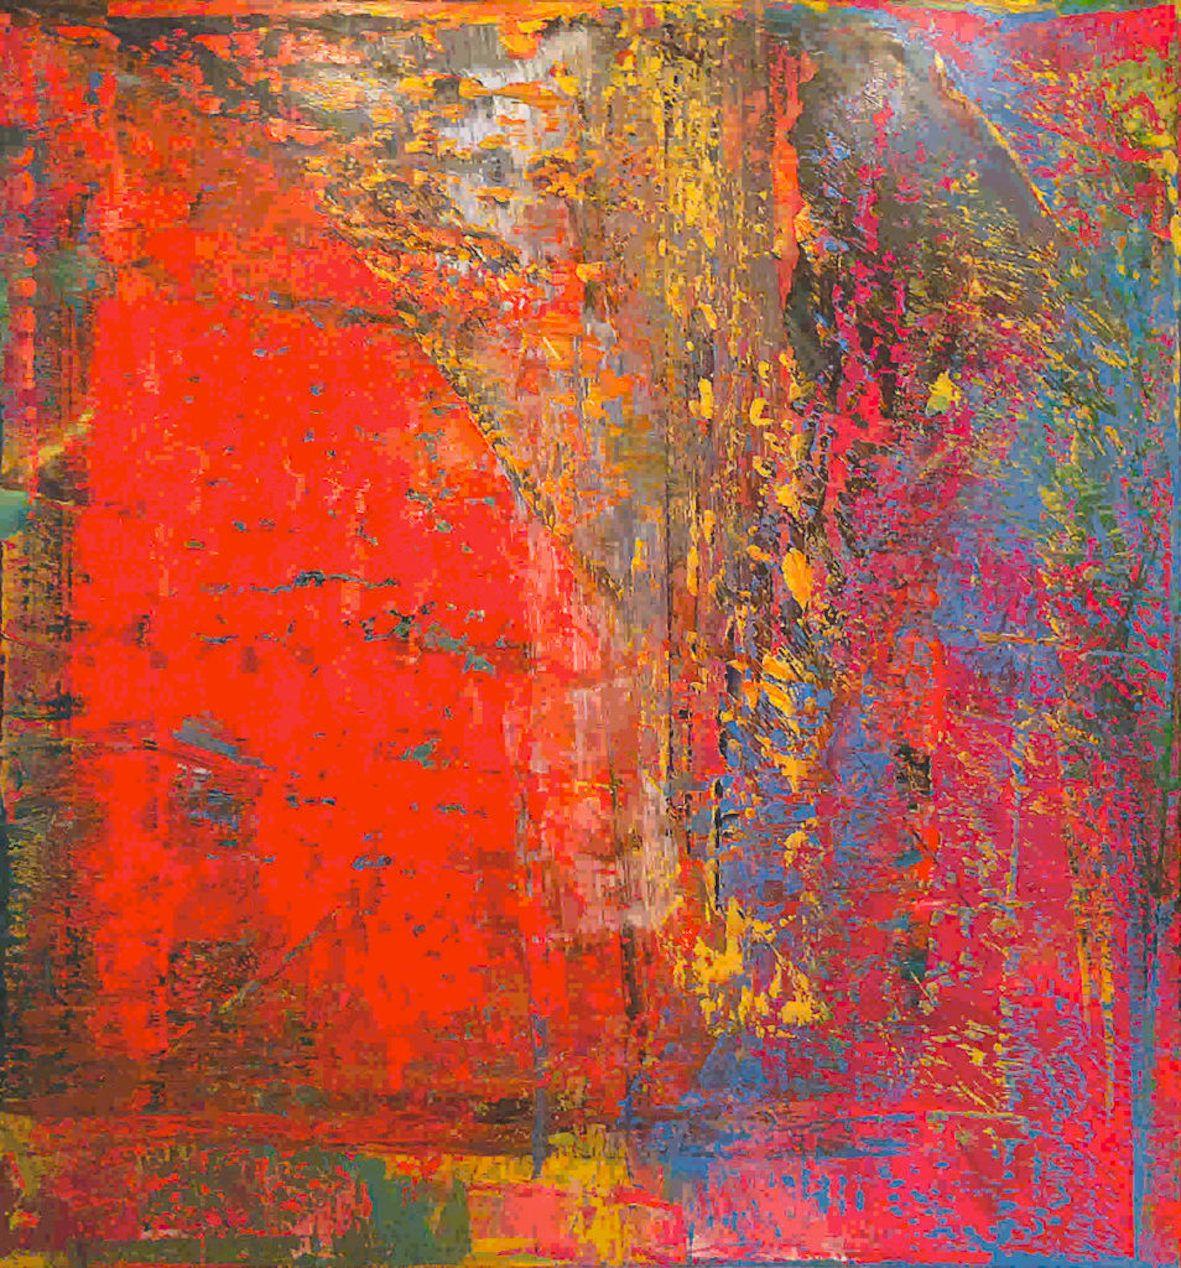 Gerhard Richter Abstraktes Bild 1986 European Art Abstract Artwork Art